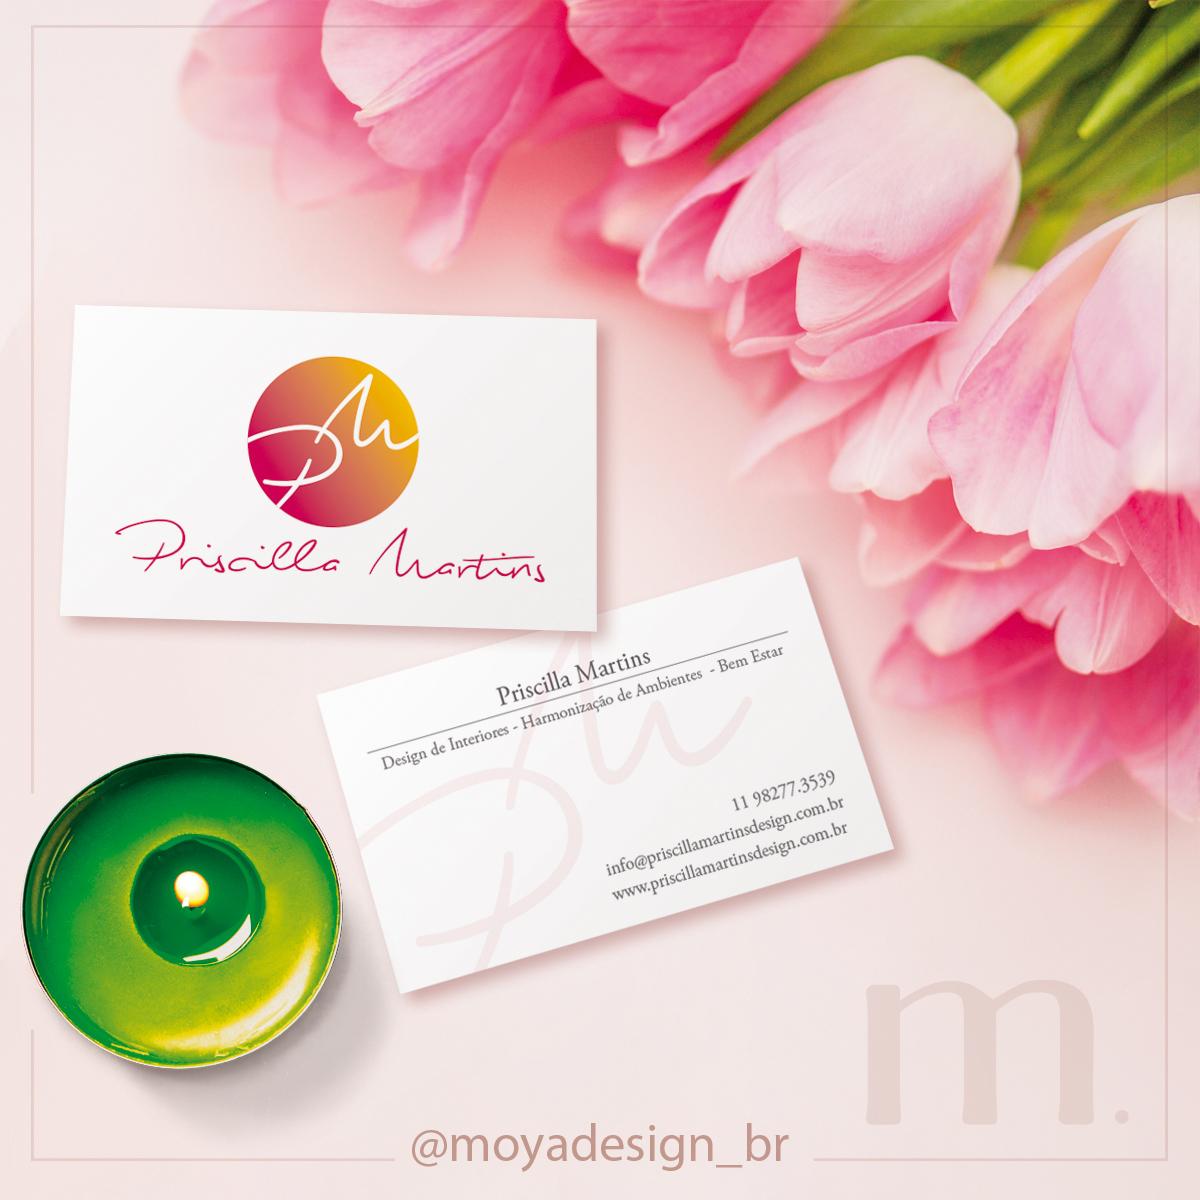 cartão de visitas Priscilla Martins